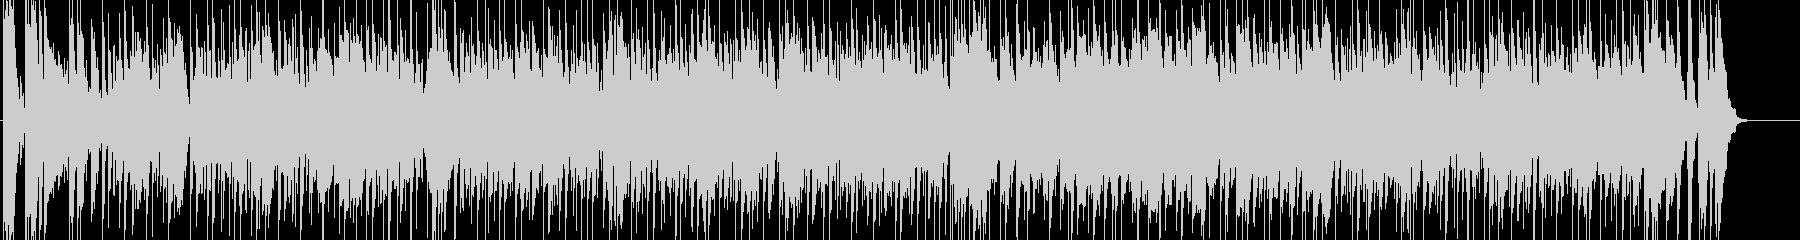 ゆったりとした大人なソウルミュージックの未再生の波形